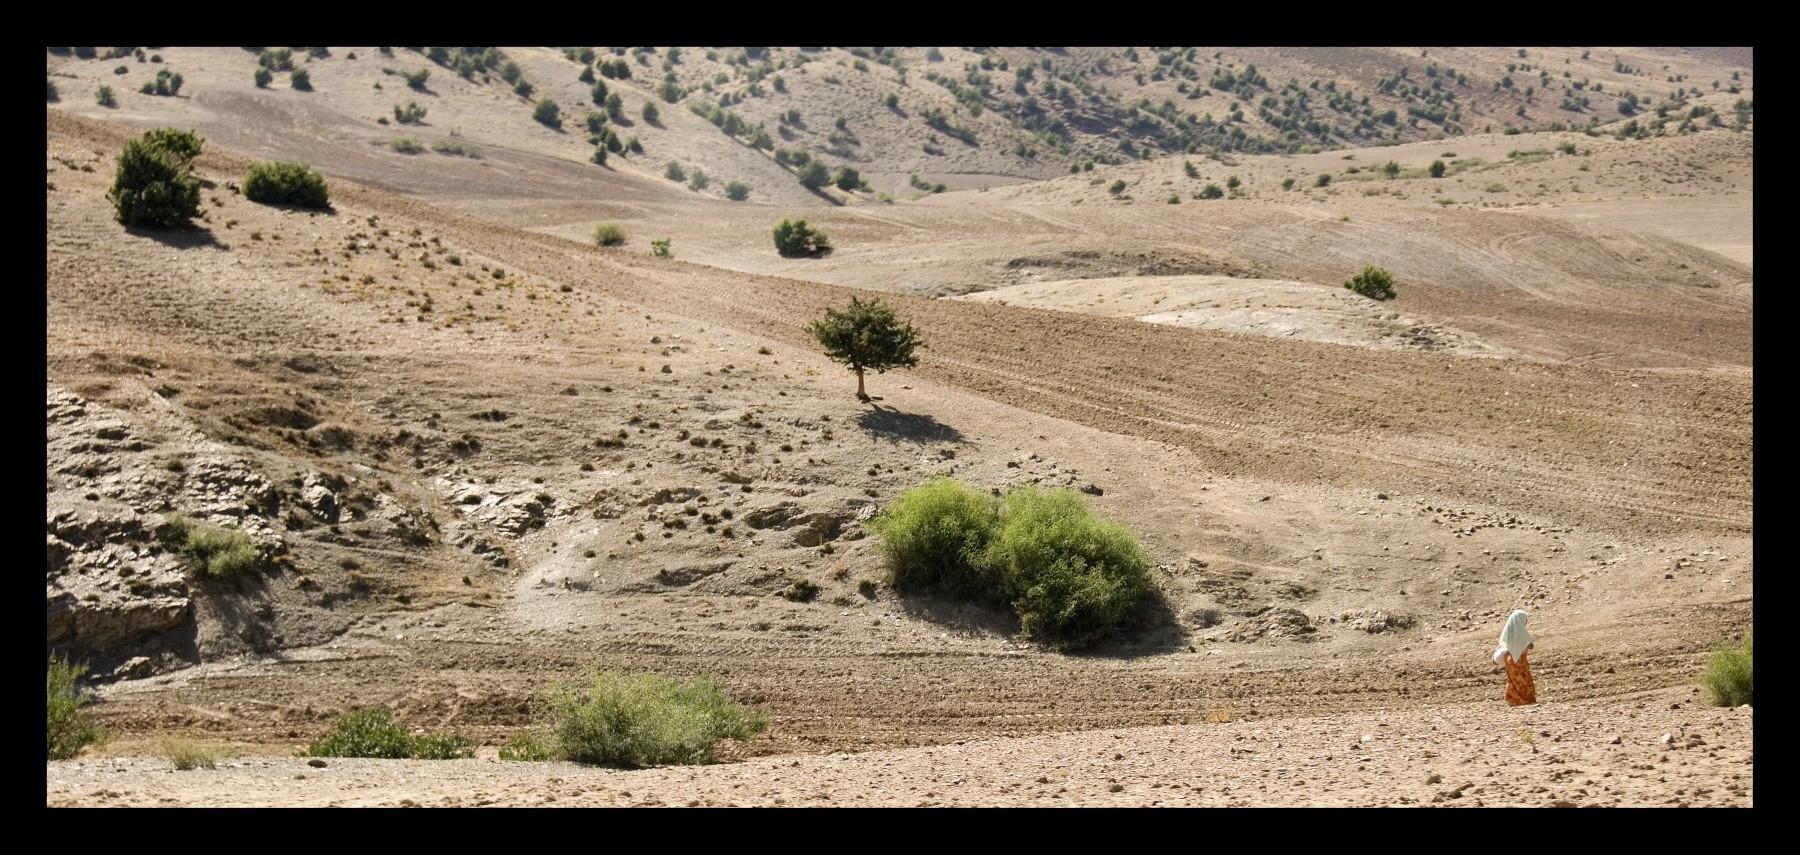 92415_DSC0087-on-desert Storie di Luce